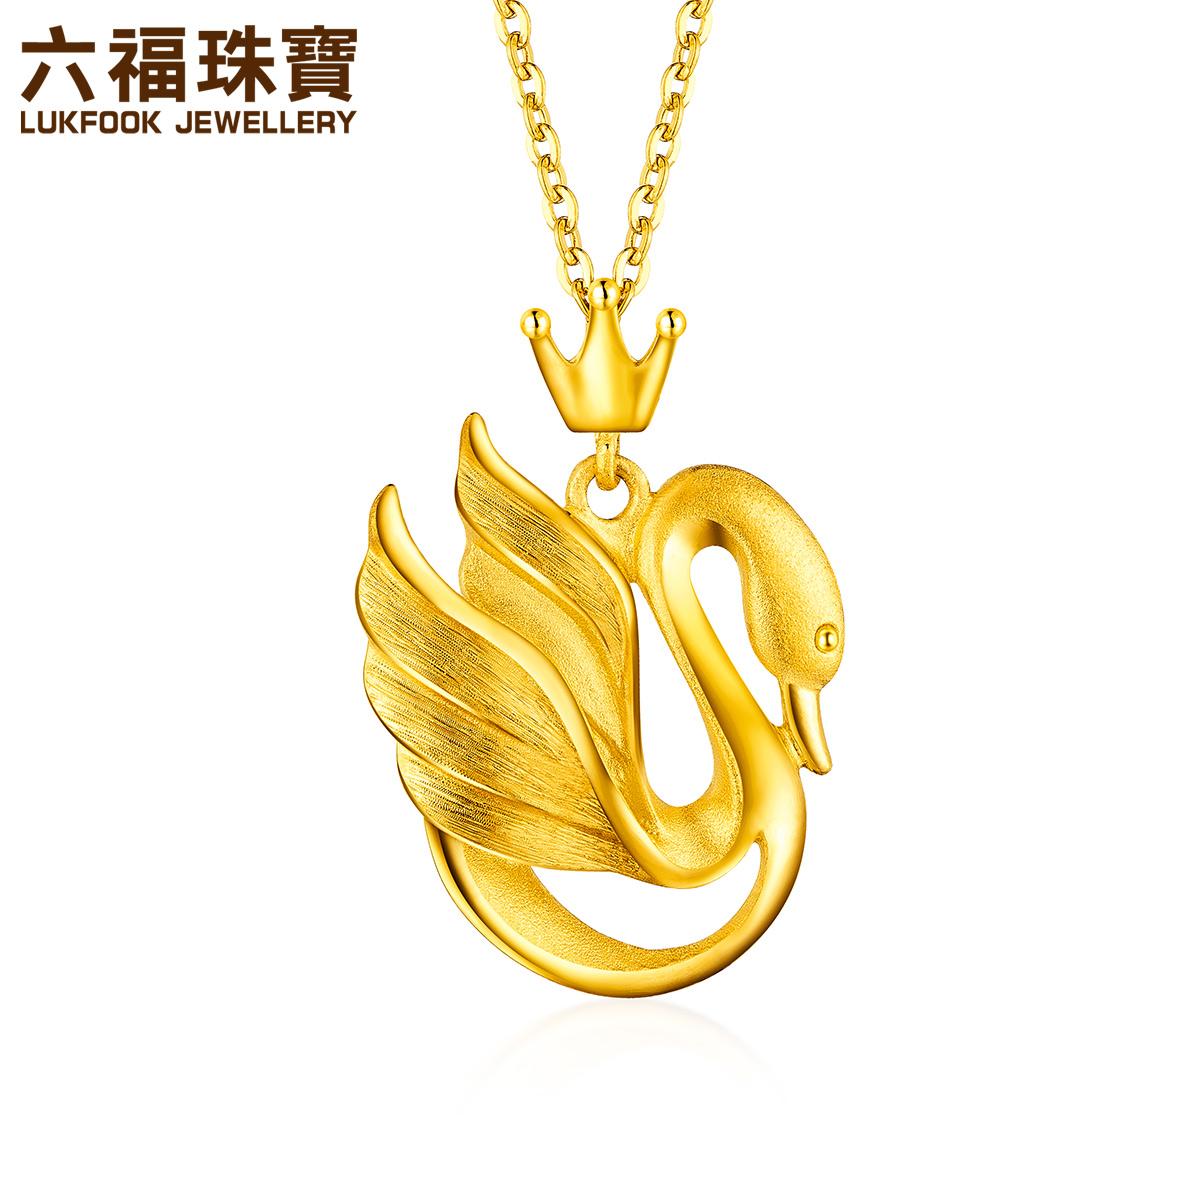 六福珠宝黄金项链吊坠皇冠天鹅足金吊坠女不含链计价GDG70064